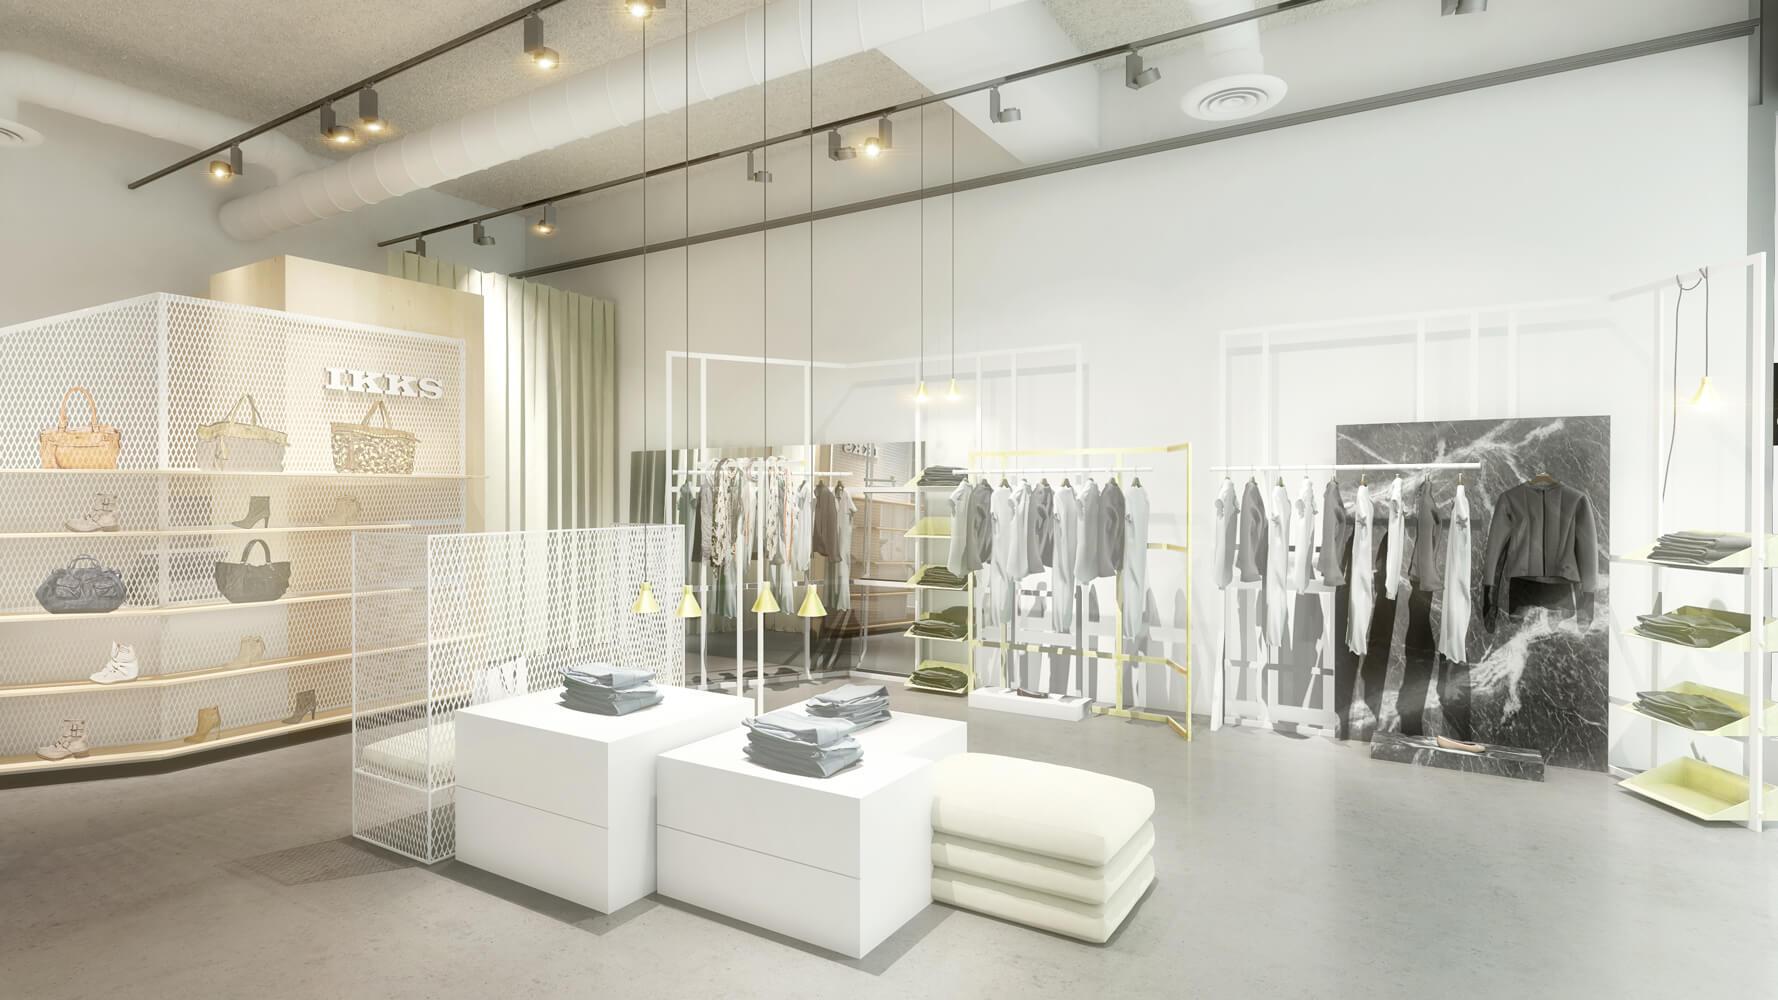 Sc ne int rieure 3d illustr e pour la vente immobili re 3dms for Boutique deco interieure